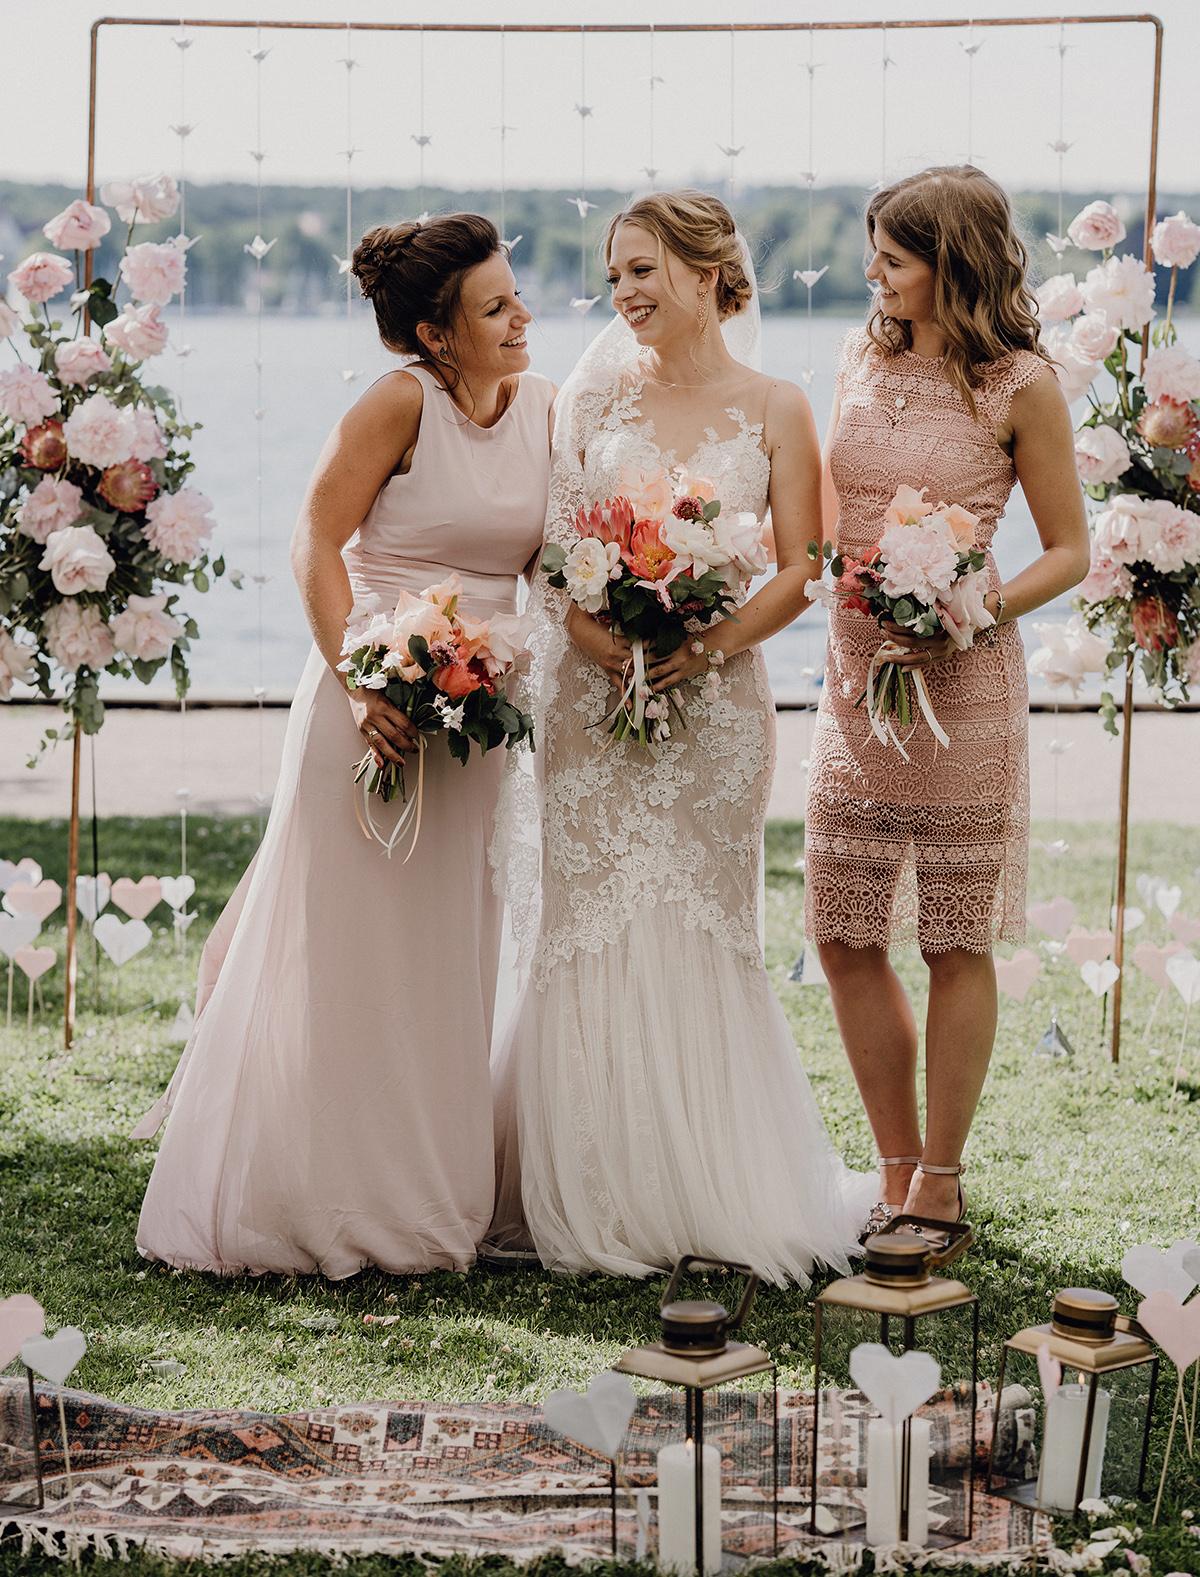 Hochzeitsfotografie Braut mit Brautjungfern vor Traubogen bei Boho Hochzeit - Villa Blumenfisch Berlin Hochzeitsfotograf © www.hochzeitslicht.de